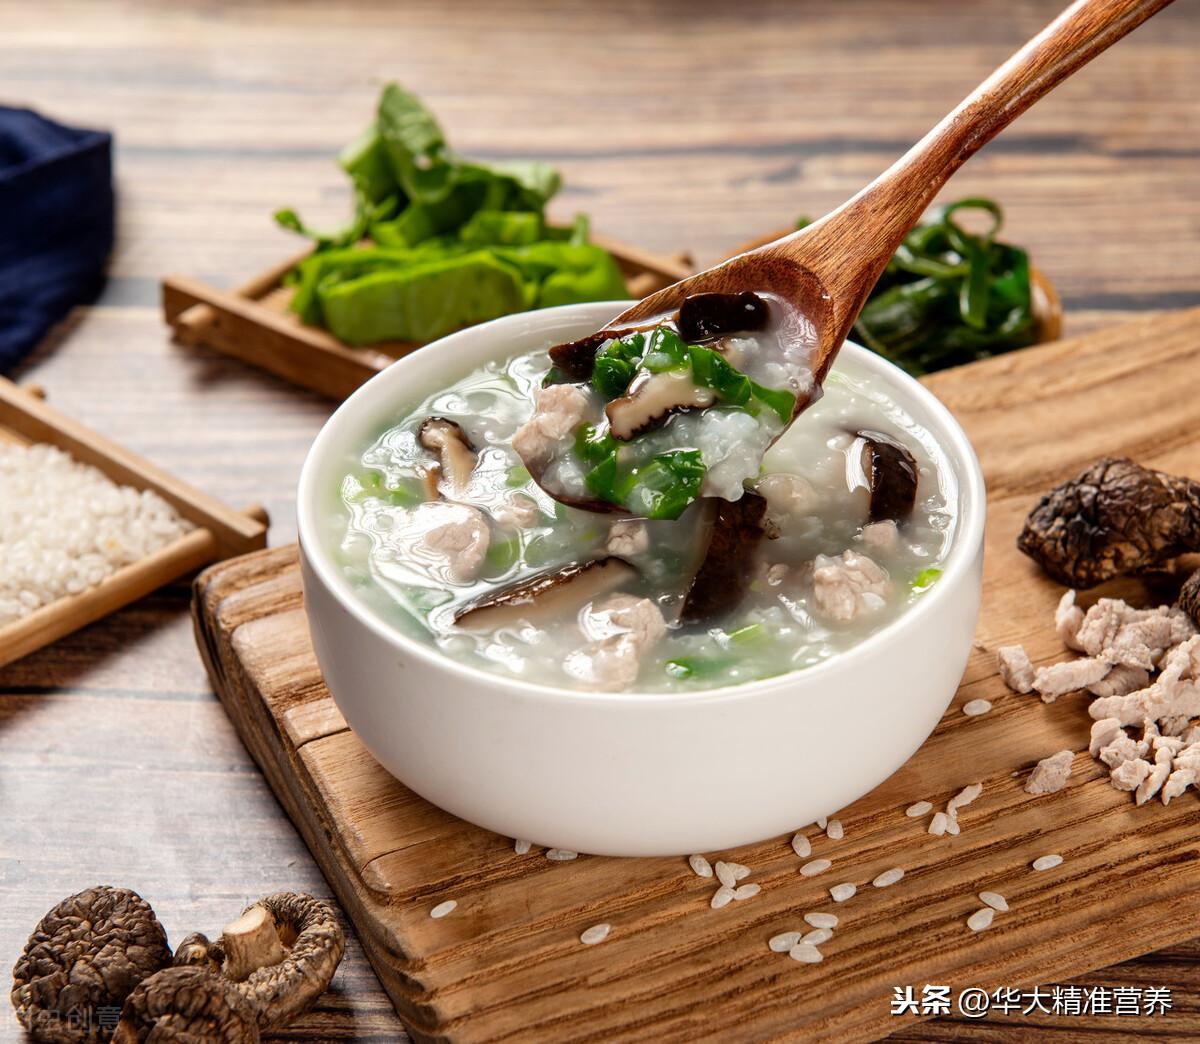 每天用各种蔬菜混合煮粥,营养价值高吗?